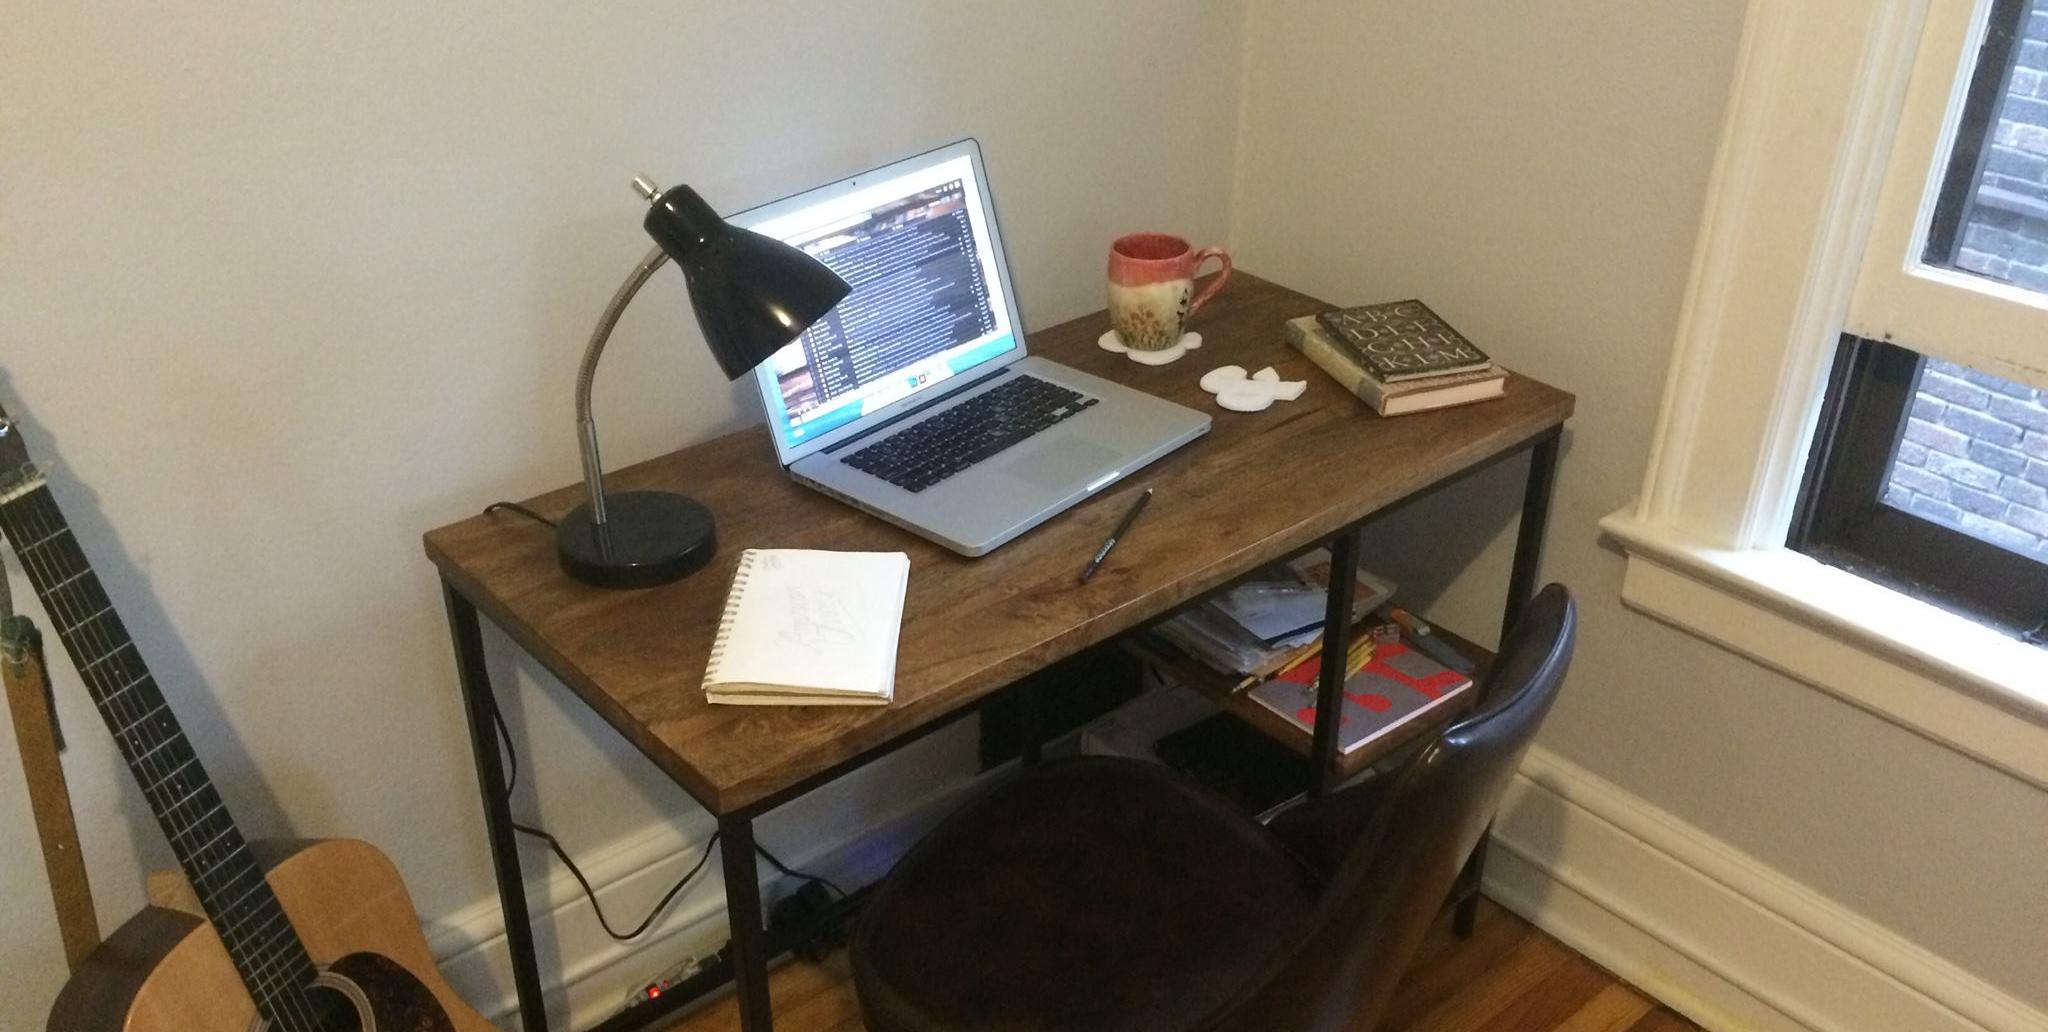 Joseph Alessio 's minimal desk setup